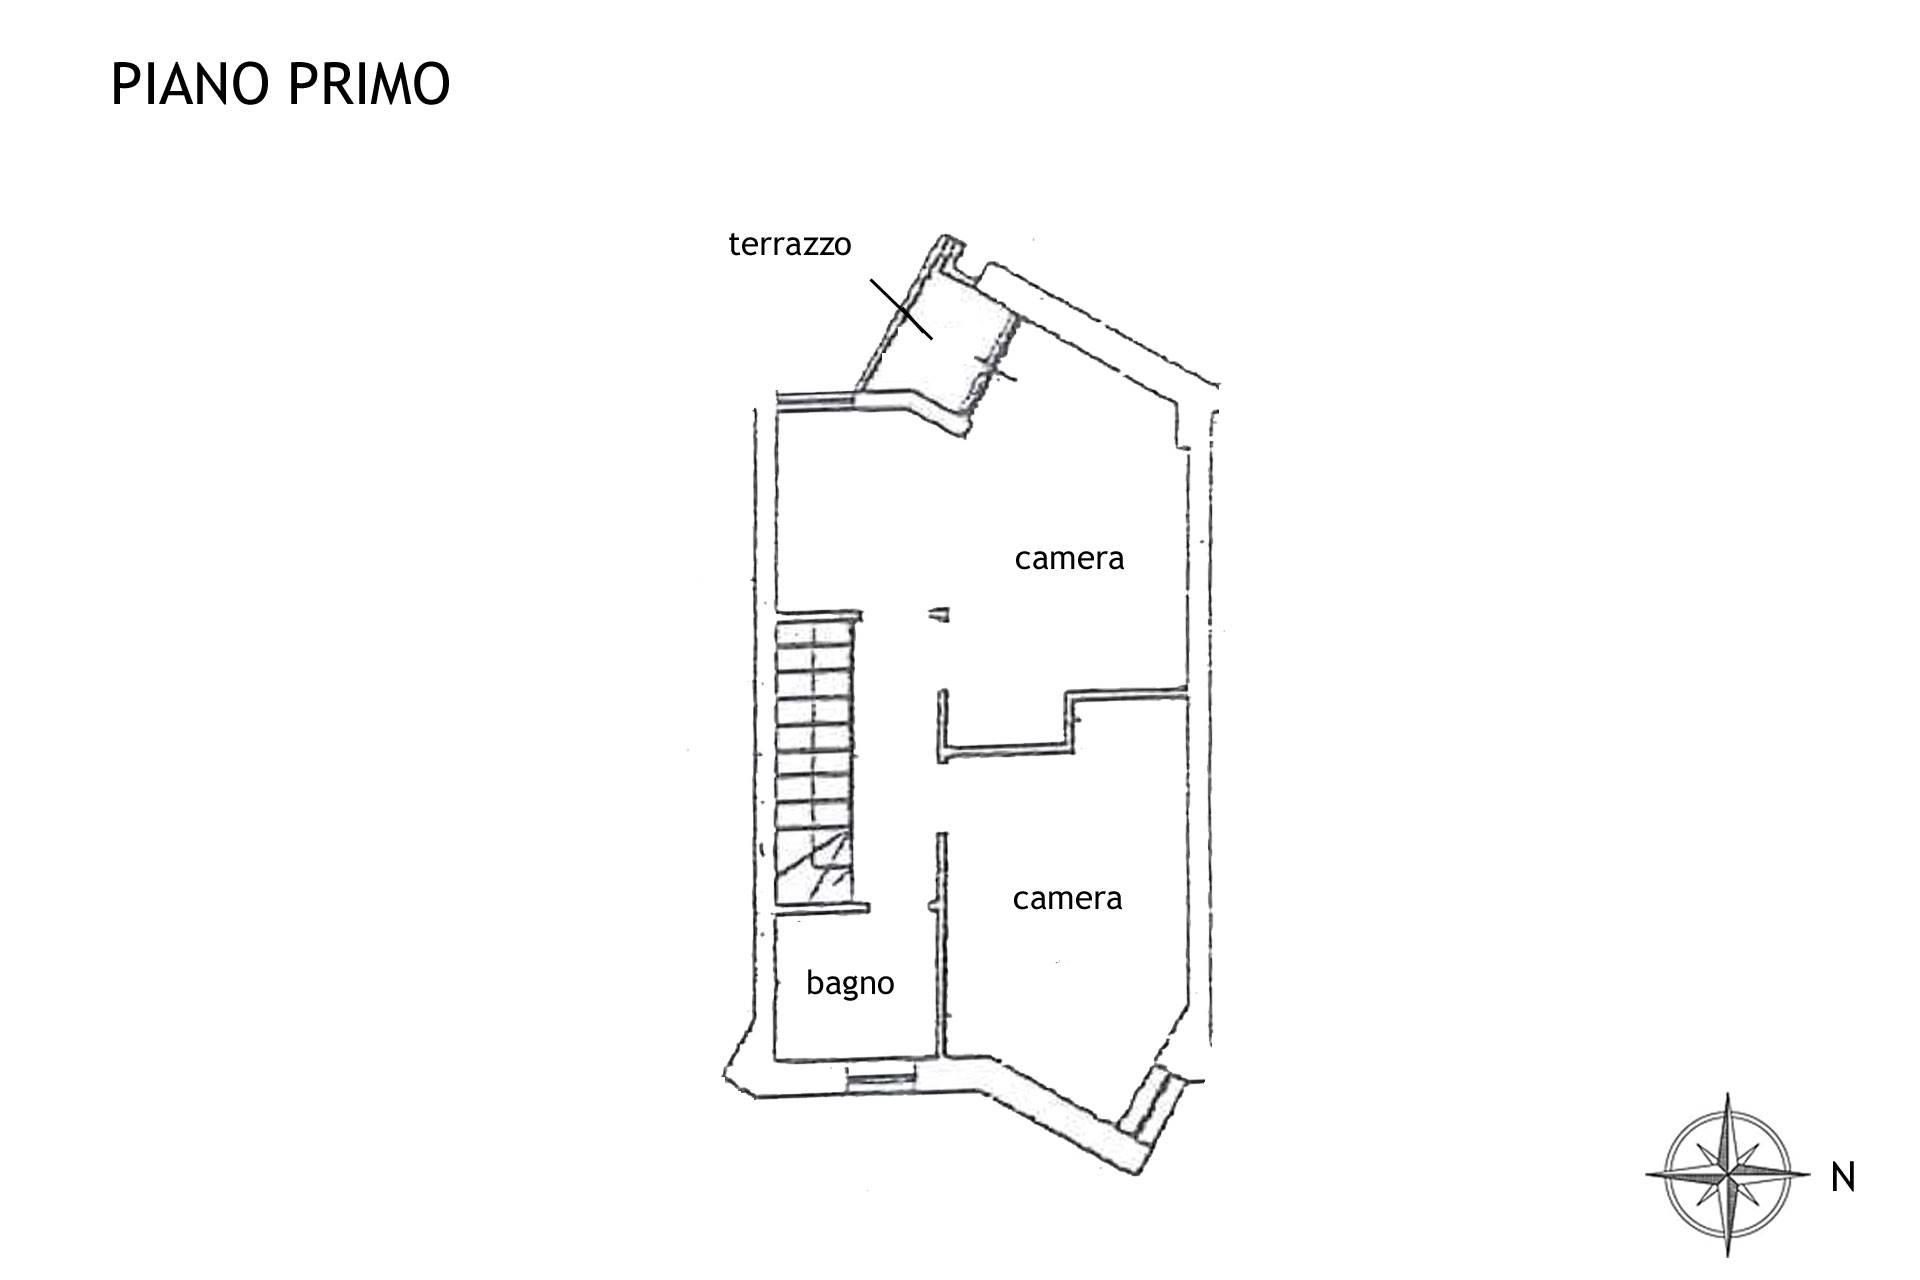 R27-plan p. primo